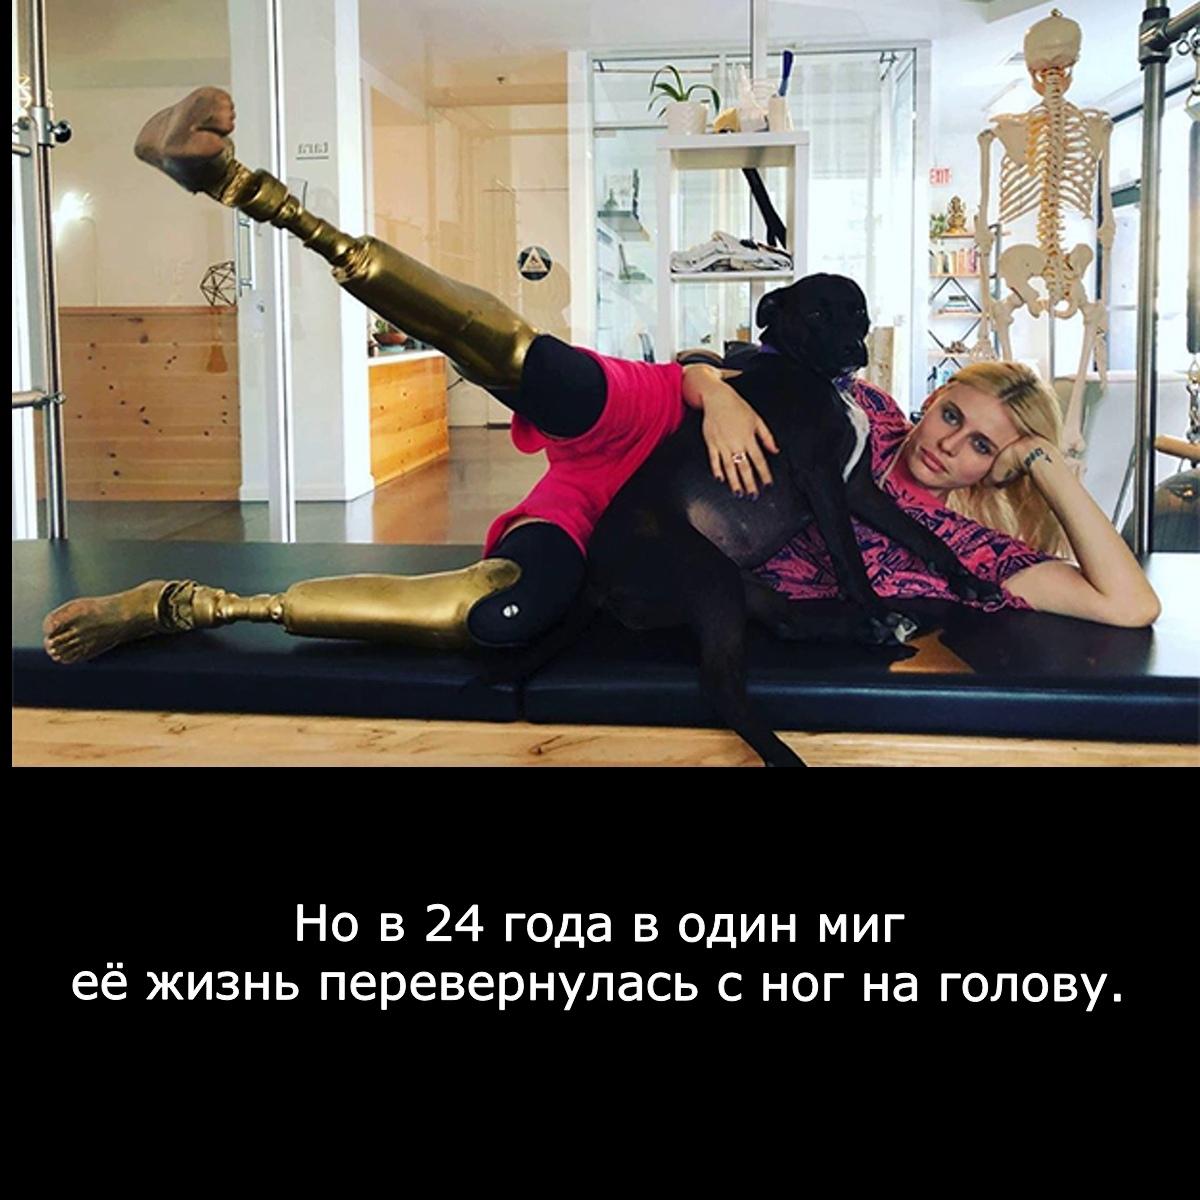 ютуб - Топ-модель c «золотыми ногами» / Интересные факты / Мода / Стиль. ( видео, фото) LNyYSJc2Gac